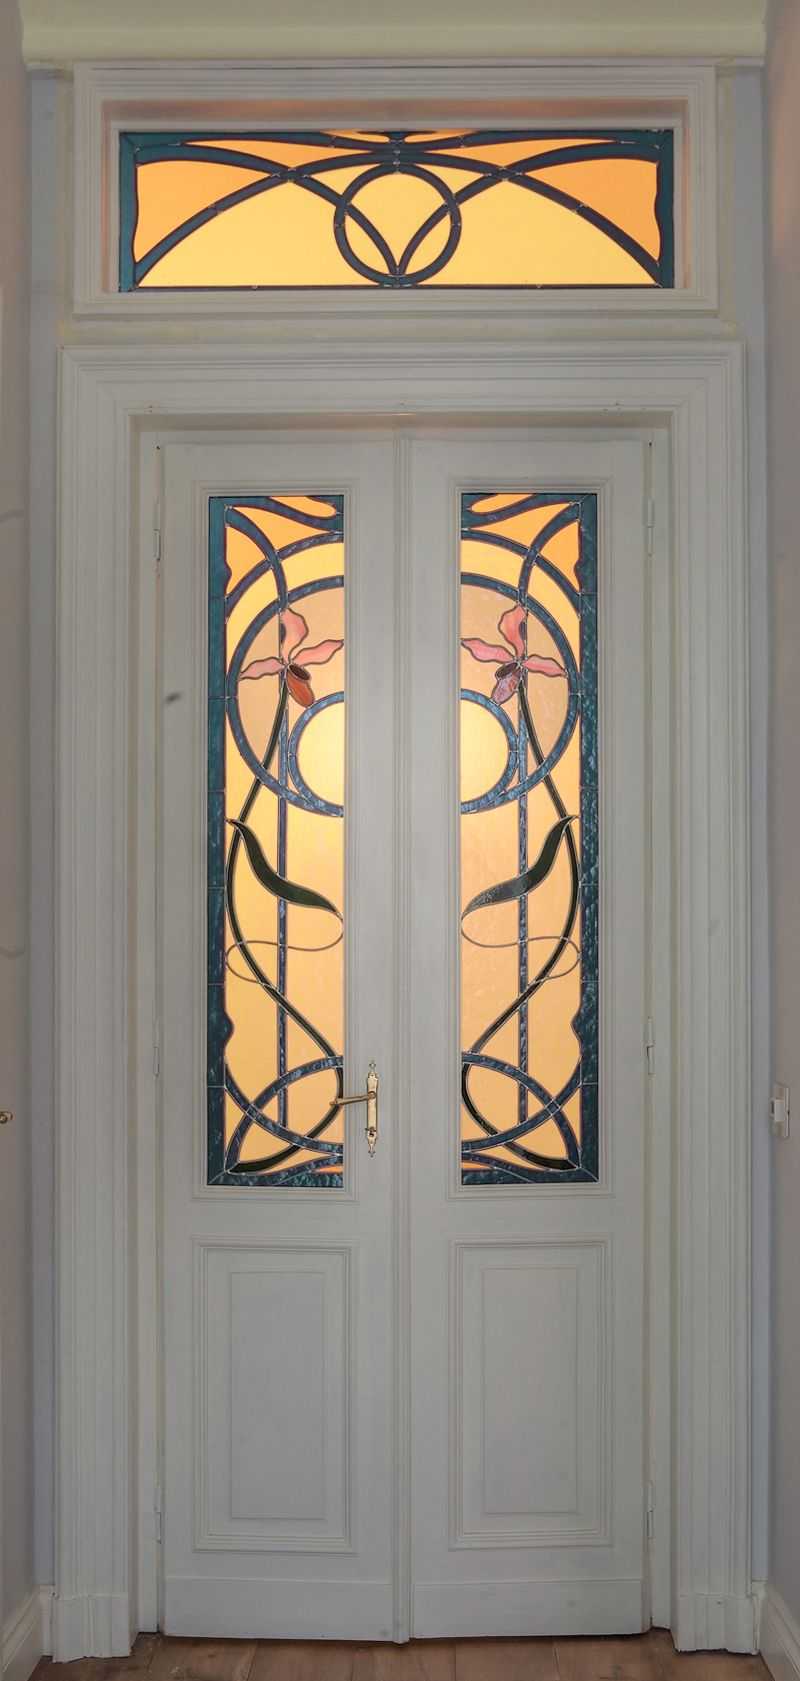 Porte a vetri decorate con vetrata stile liberty monica casa e porta con vetro decorato - Porte con vetro decorato ...